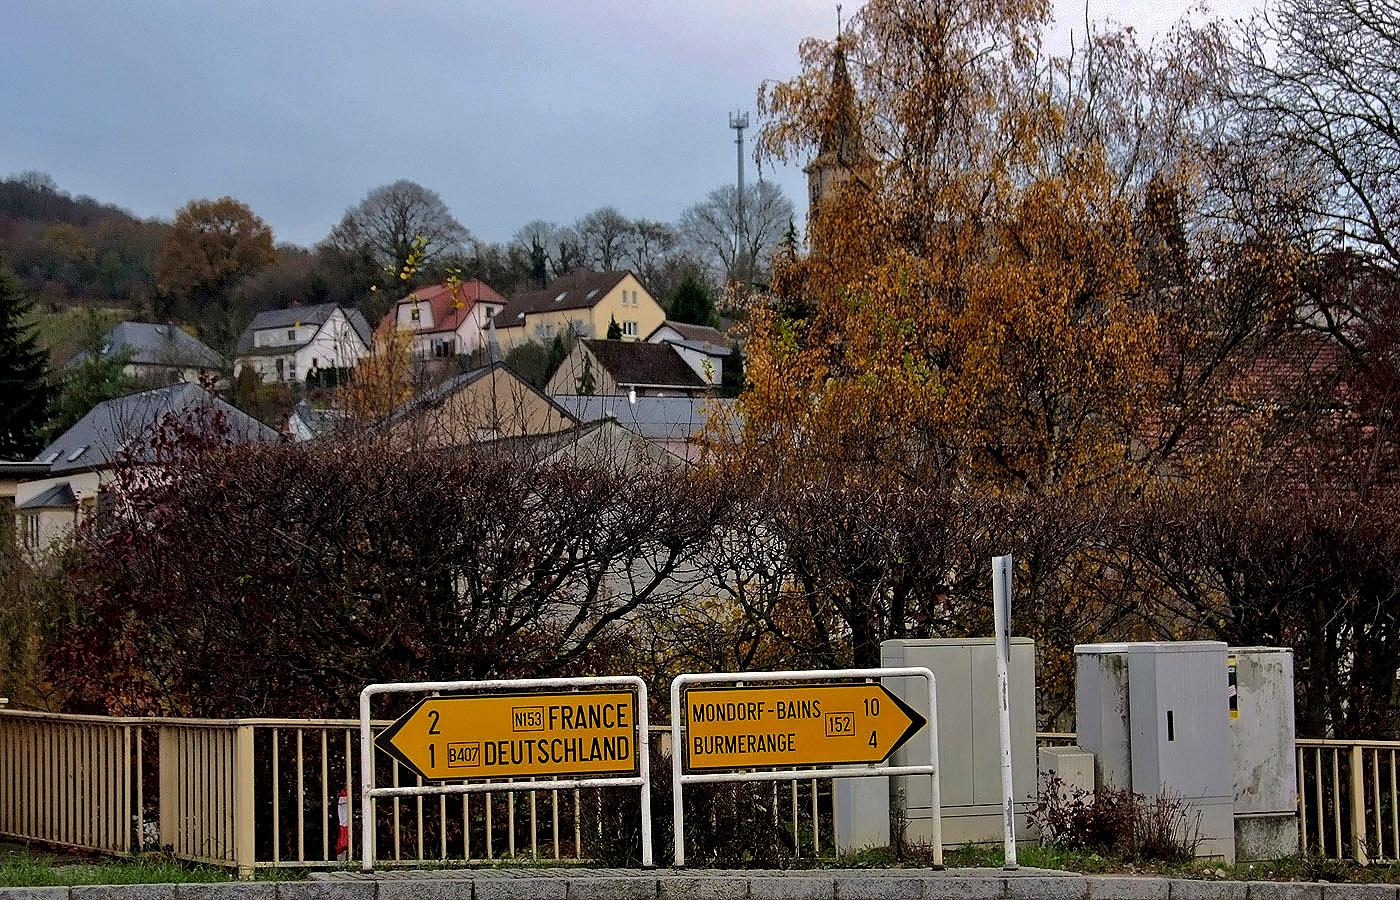 Nur 2 km bis Frankreich und nur 1 km bis Deutschland ...